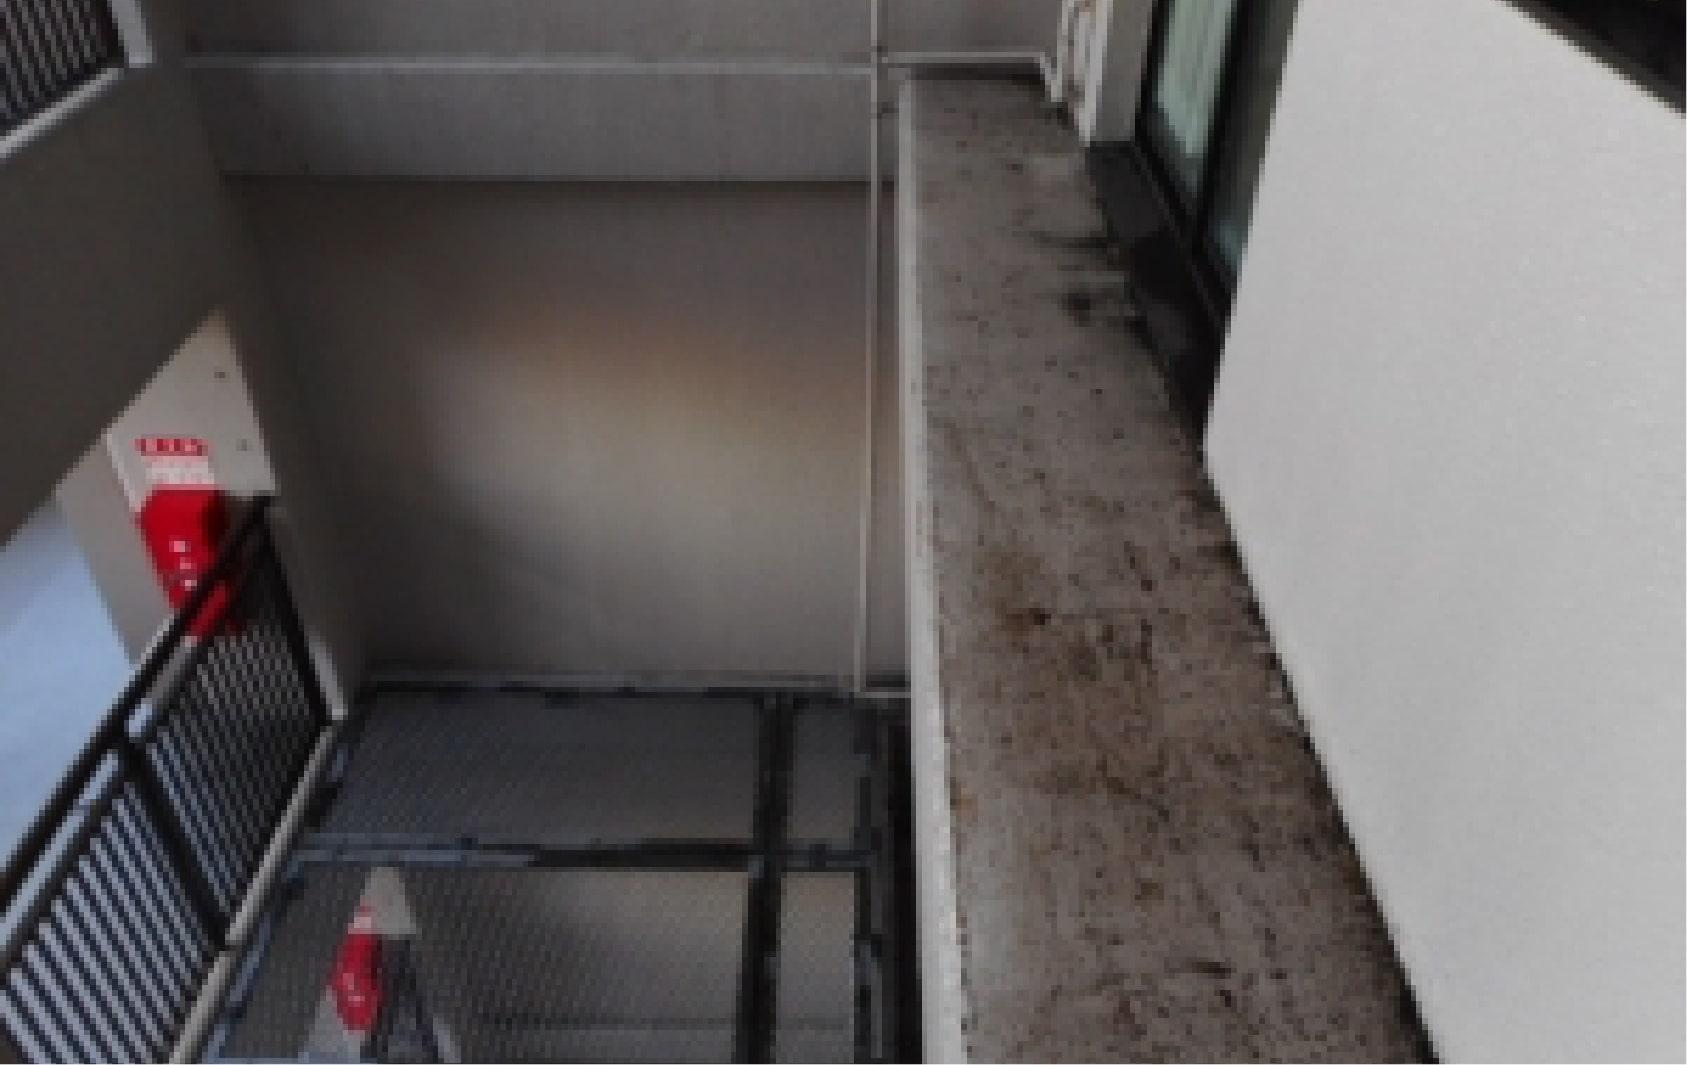 清掃しにくいところに鳥の糞がたくさんあり汚れている場所の写真